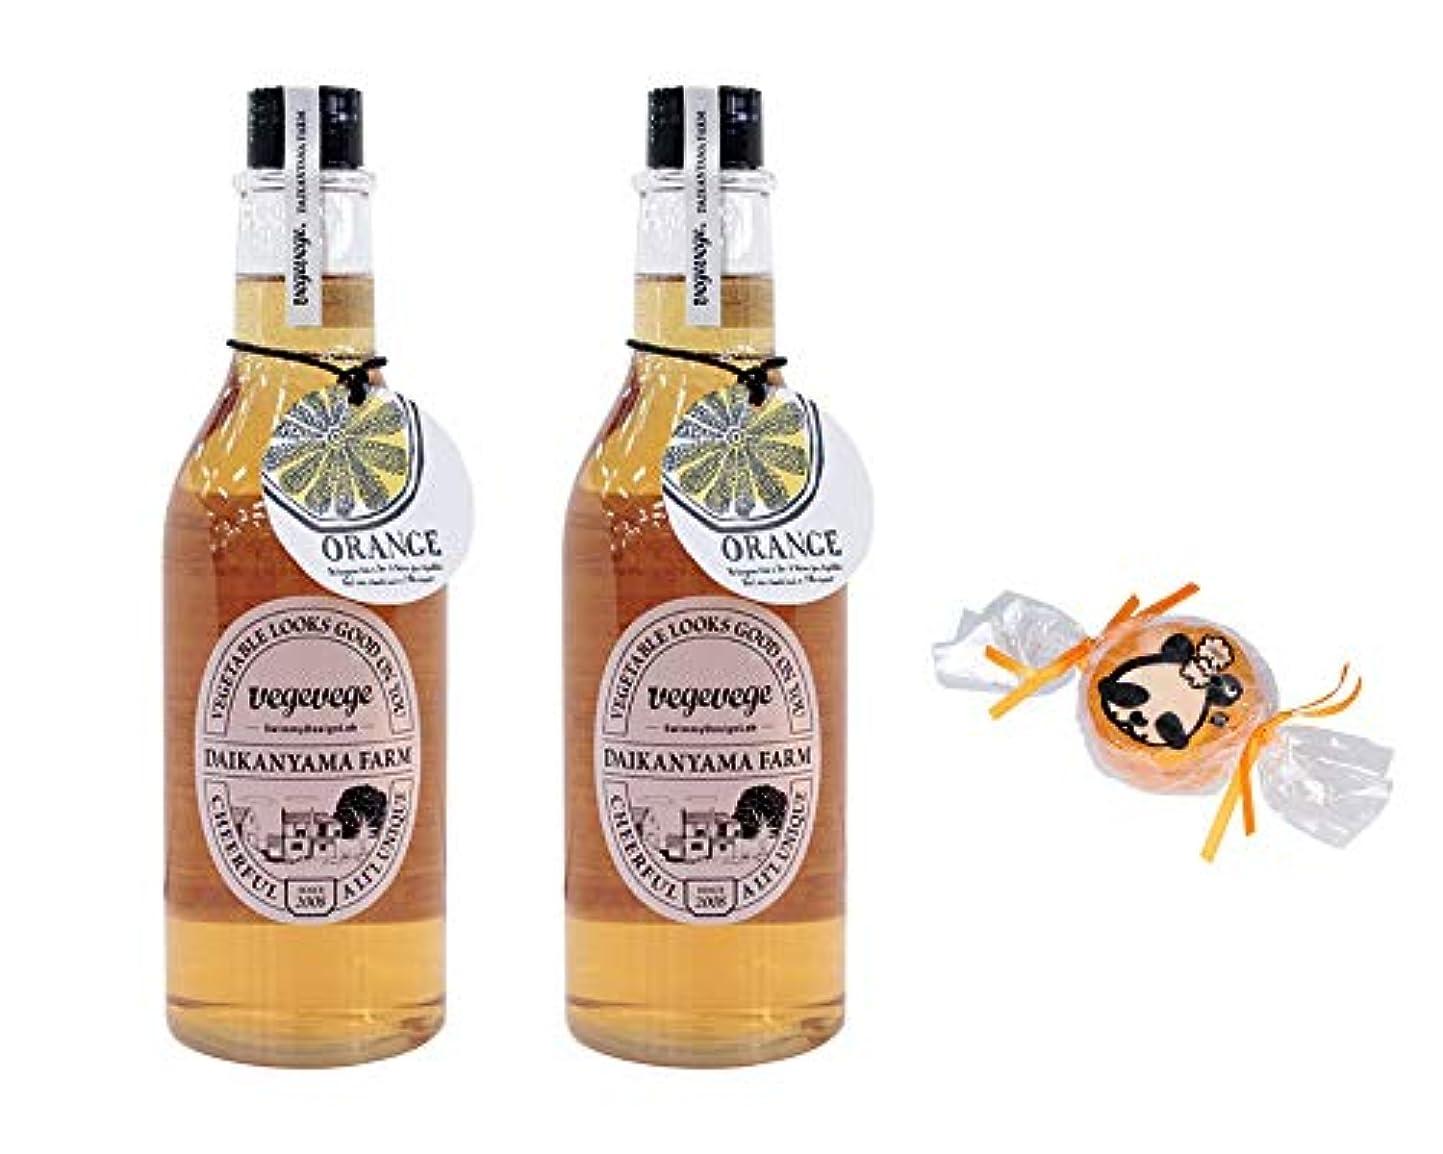 【2個セット+ミニ石けん付】ノルコーポレーション 入浴剤 バブルバス VEGEVEGE オレンジの香り 490ml OB-VGE-3-1【パンダ石けん1個付】